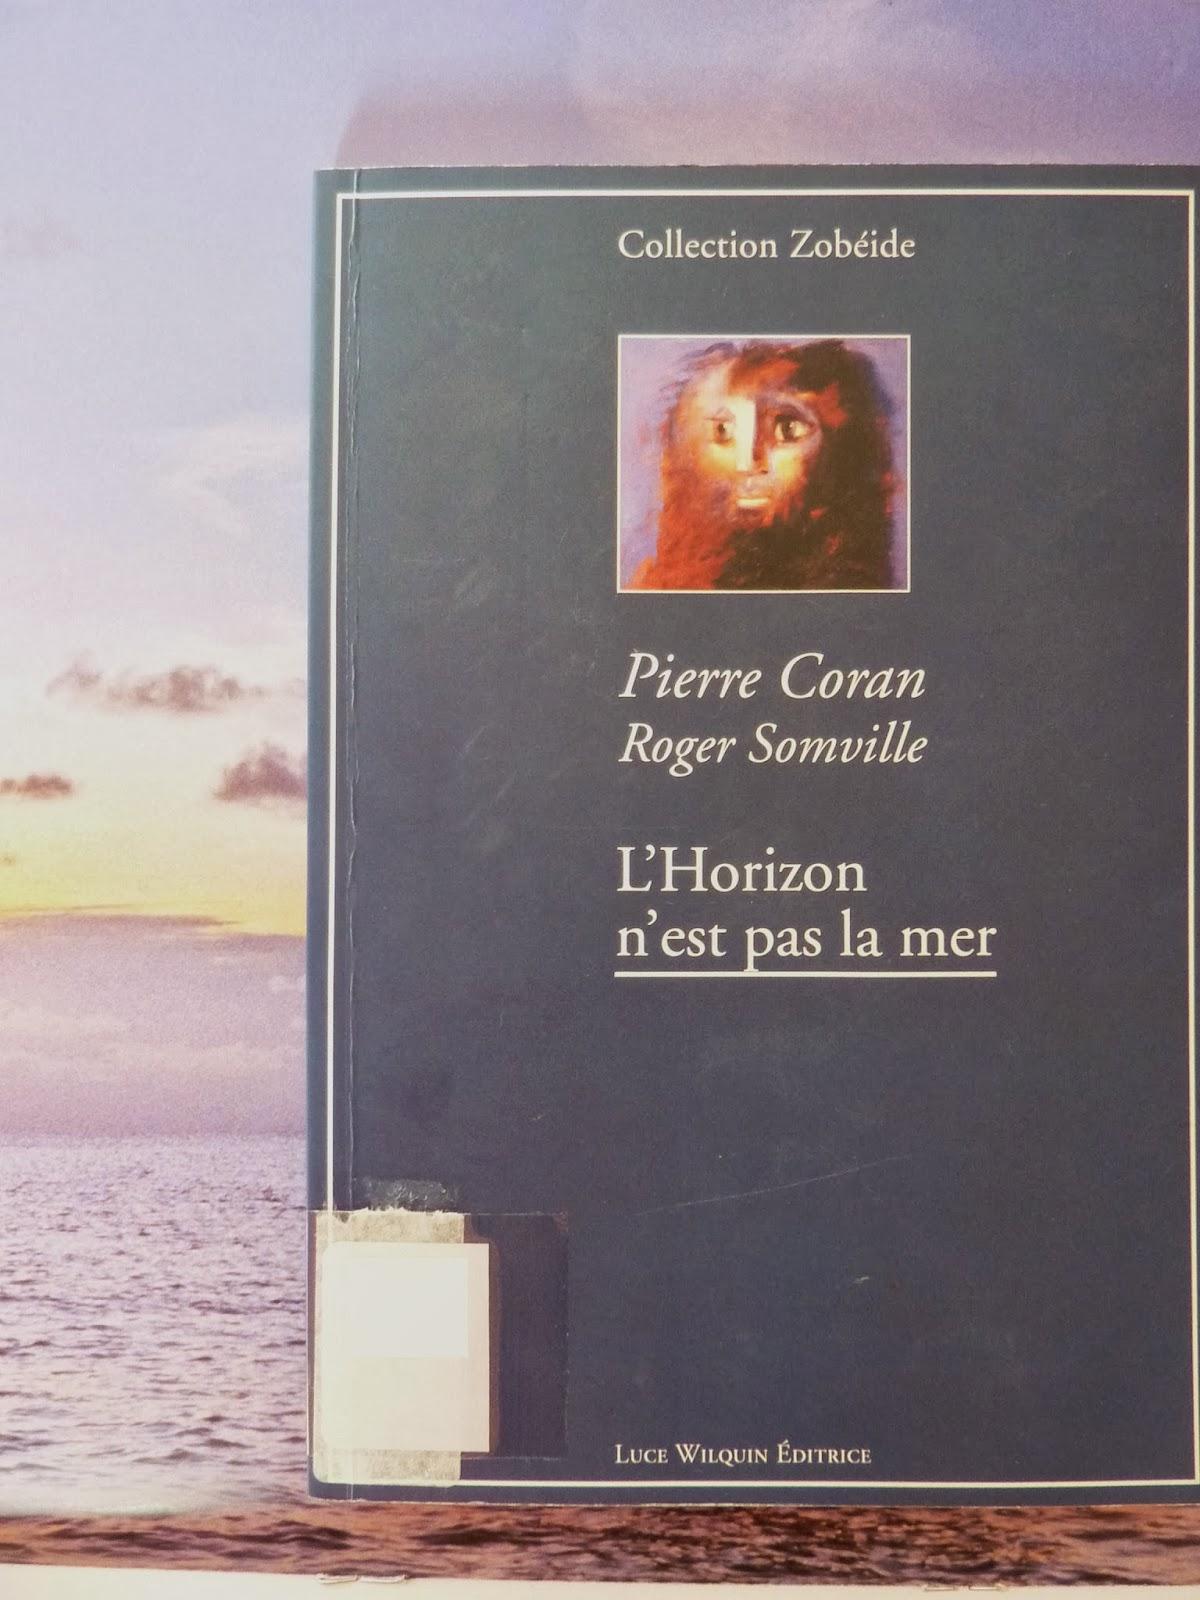 L'horizon n'est pas la mer - Pierre Coran et Roger Somville